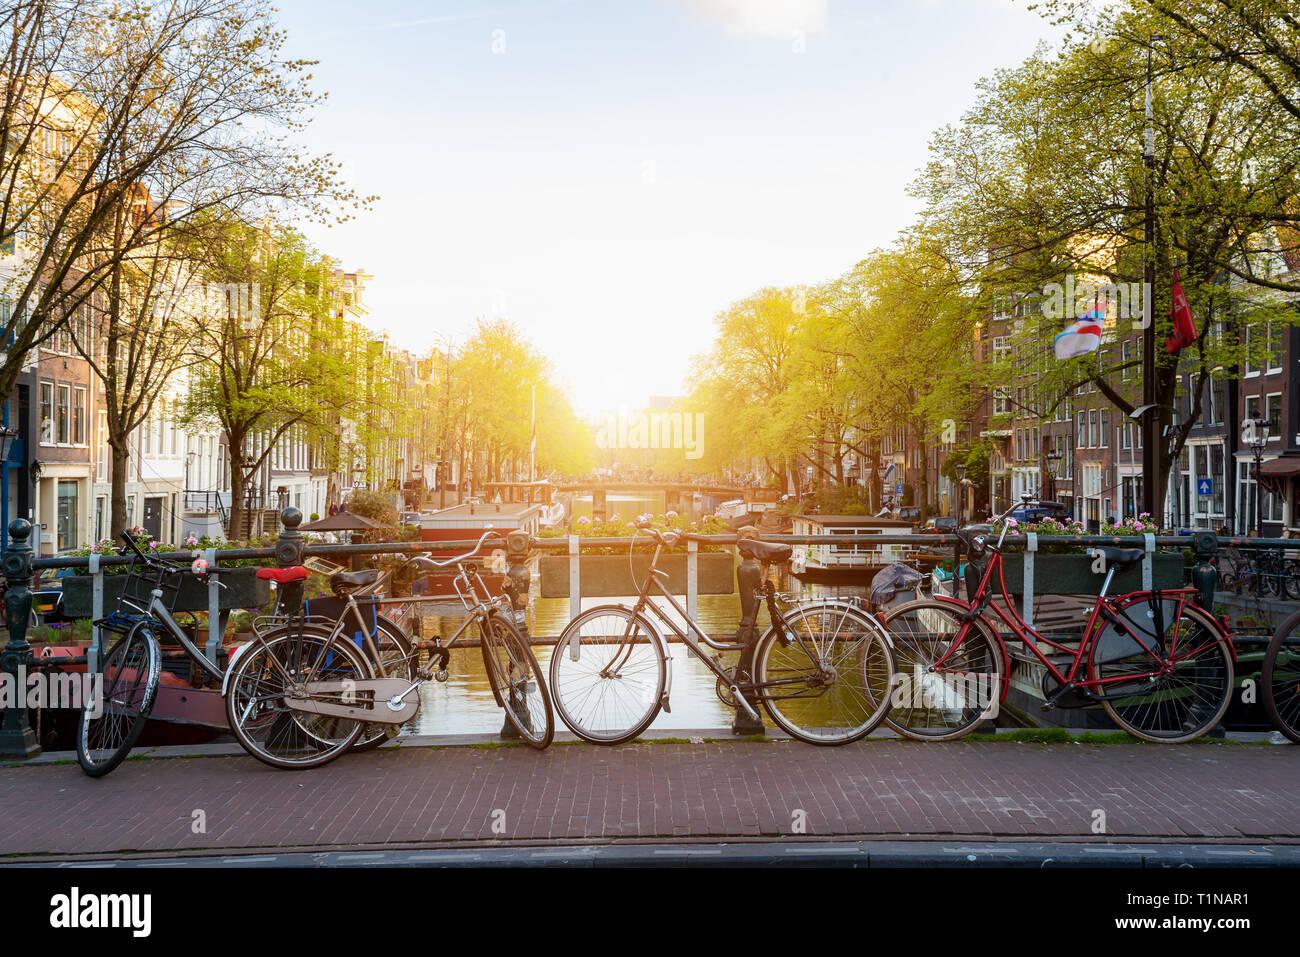 Plus de vélo de ville Amsterdam canal en Pays-bas avec vue sur la rivière Amstel, au coucher du soleil. Banque D'Images